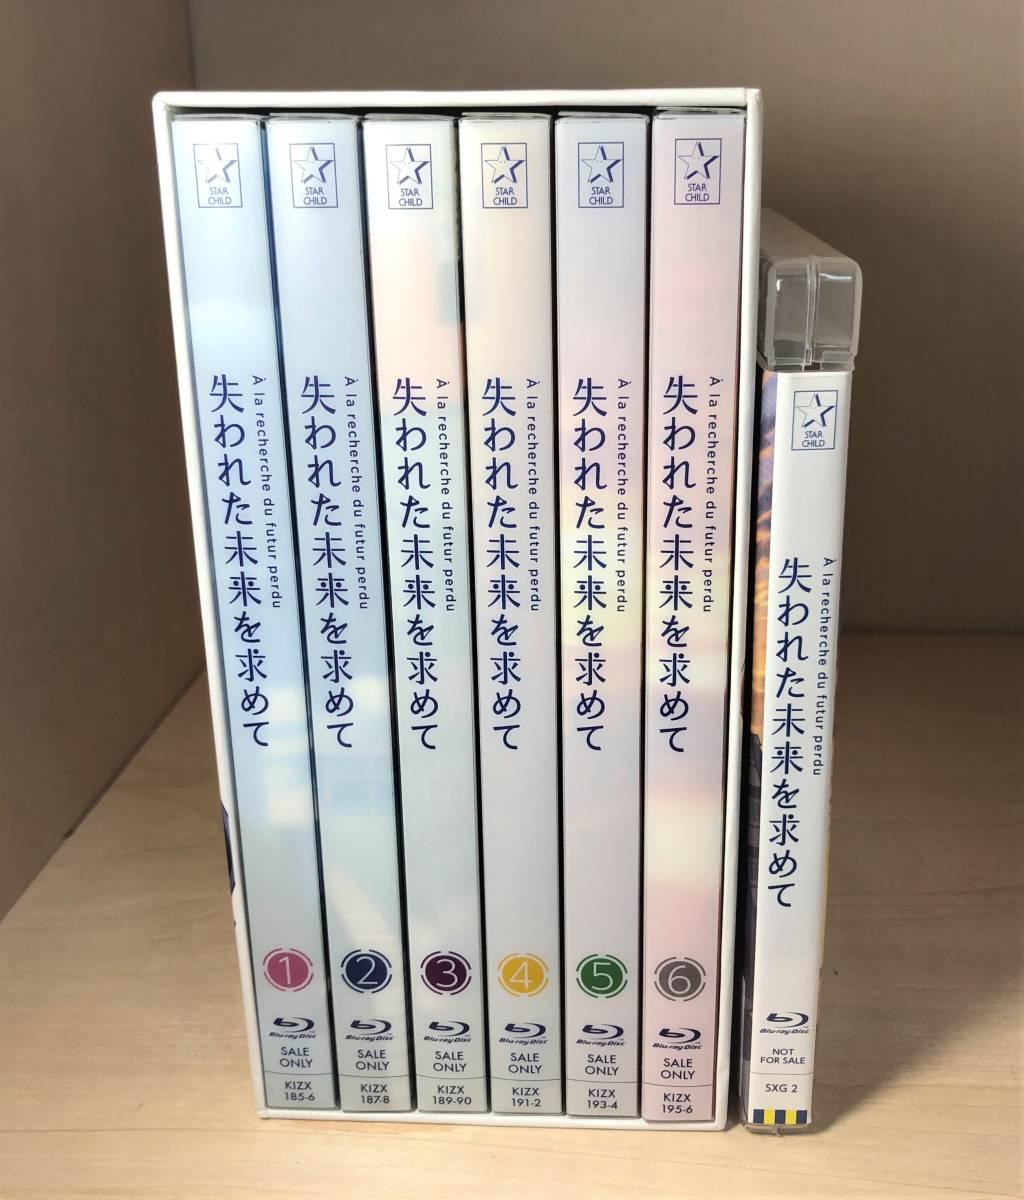 ■送料無料■ Blu-ray 失われた未来を求めて 初回限定版 全6巻セット +全巻購入特典 非売品 ディスク付き